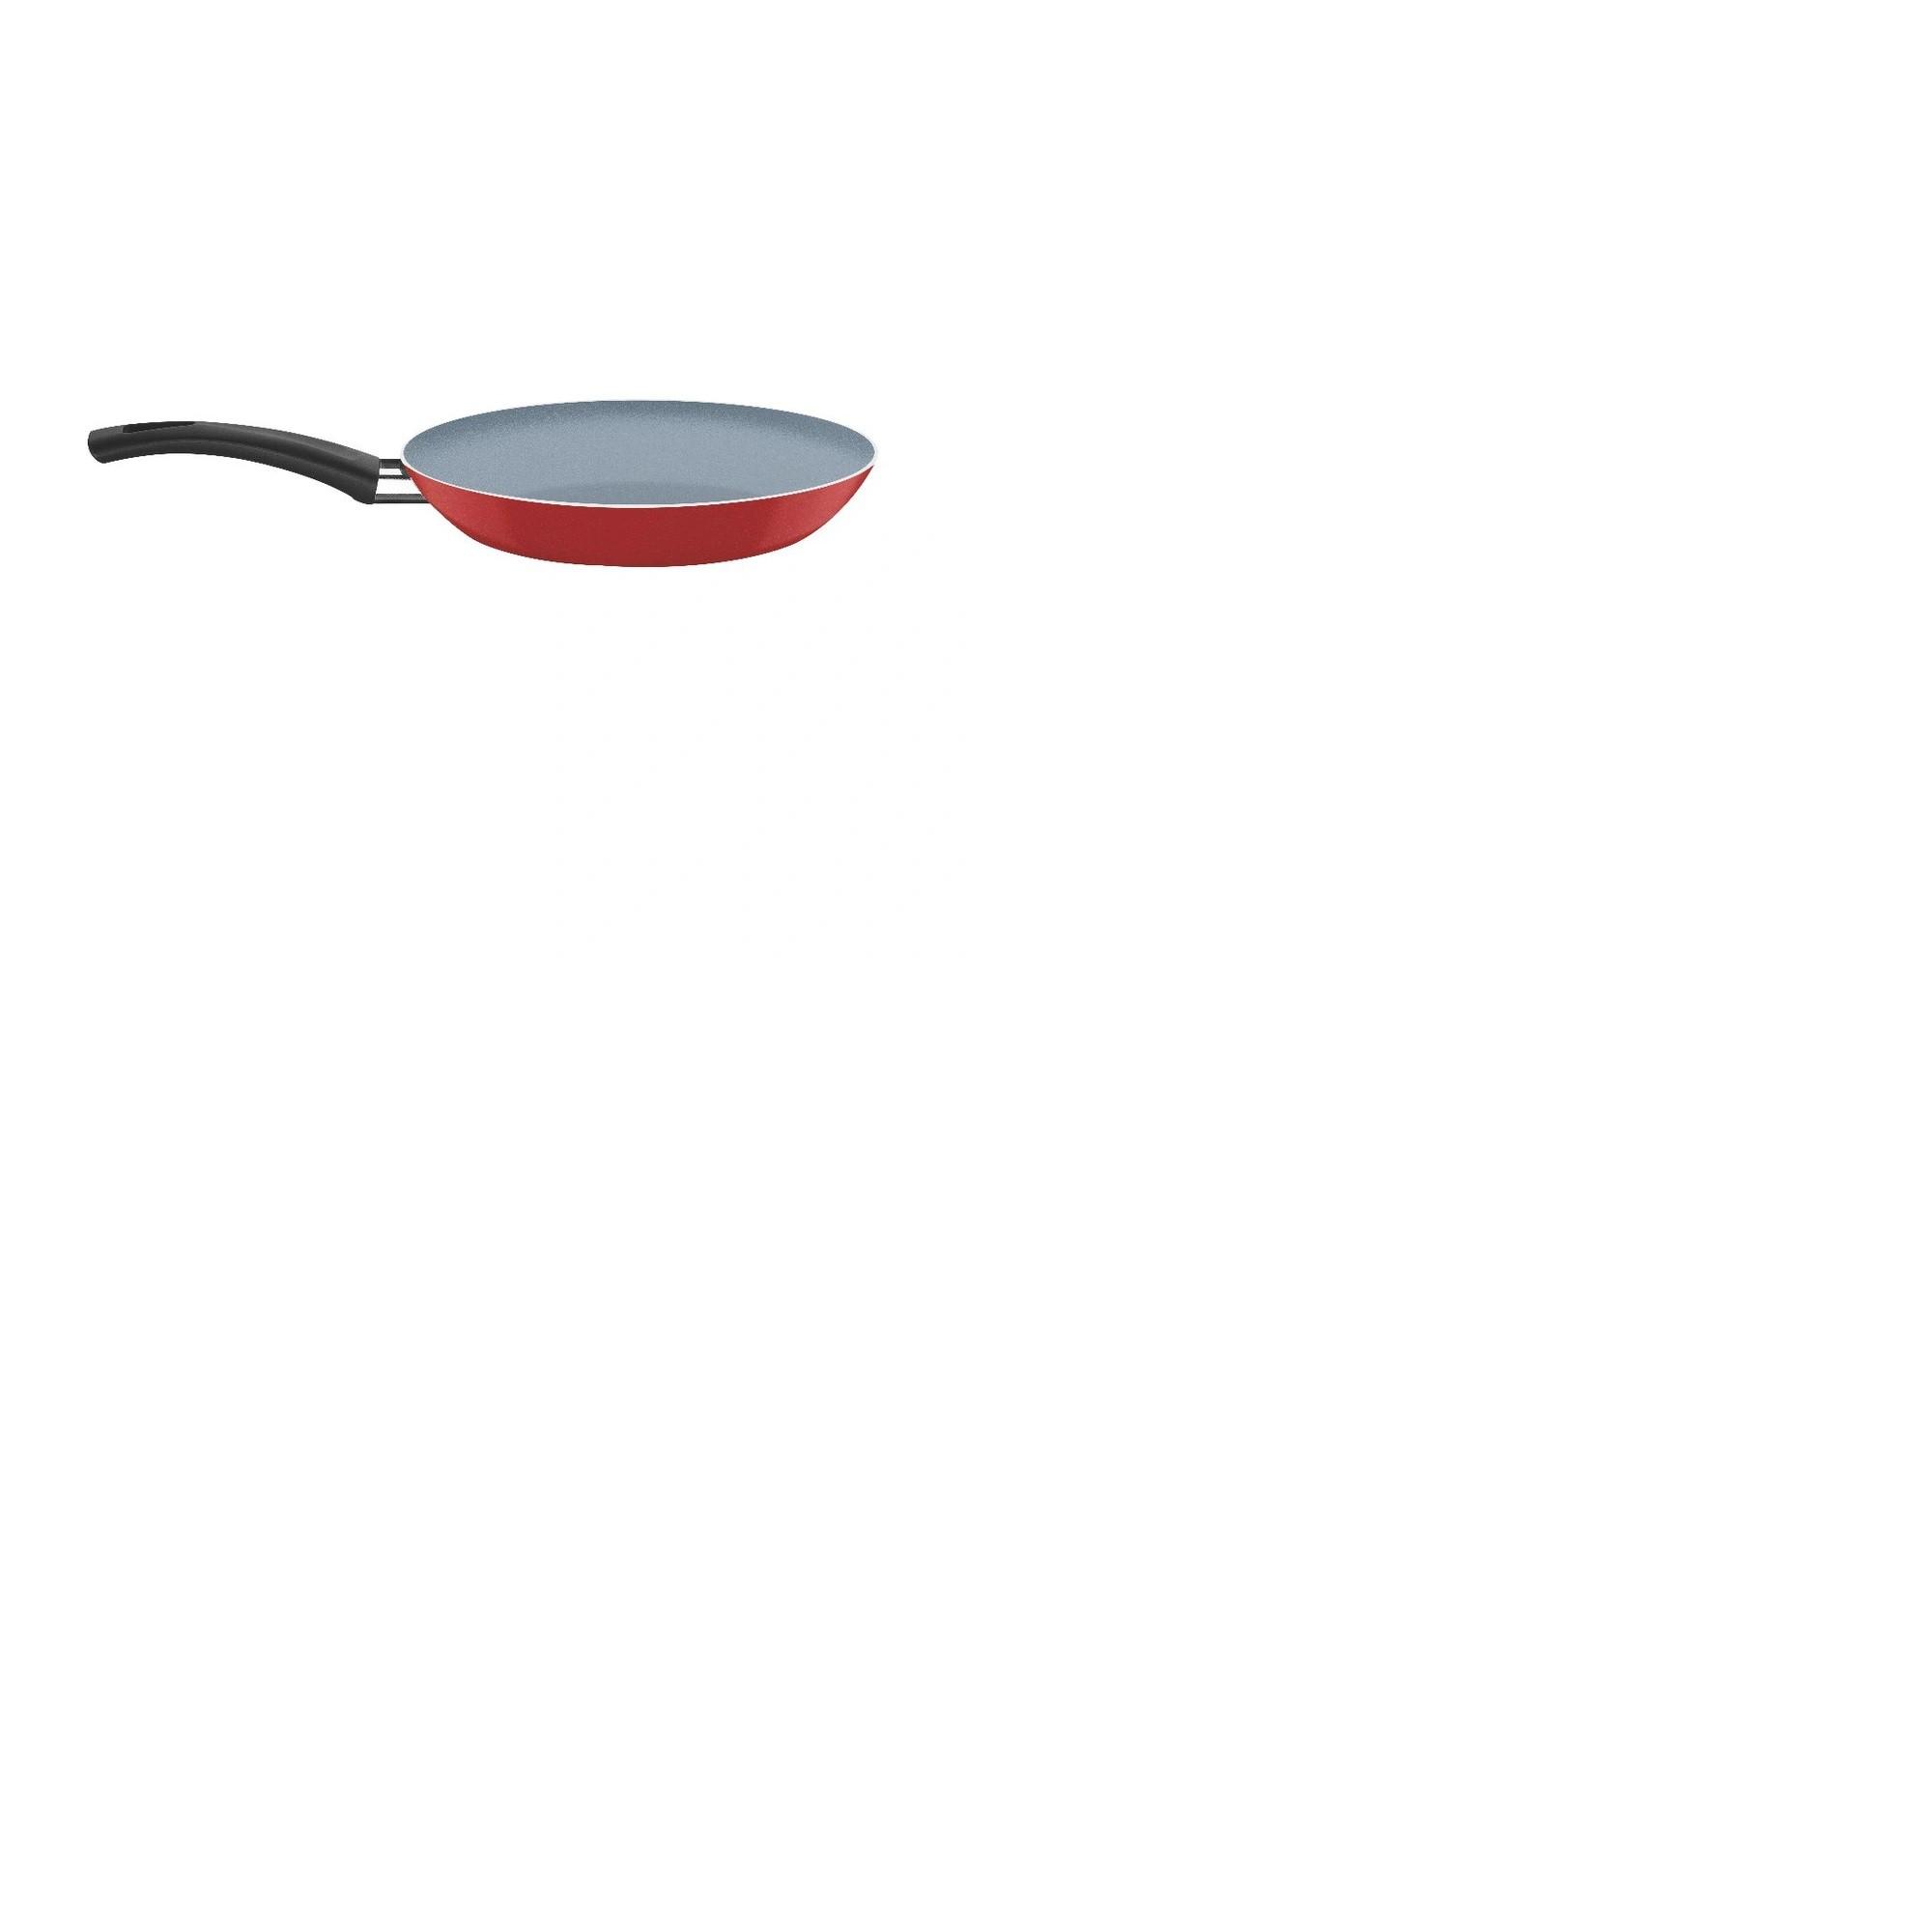 Frigideira Com Revestimento Interno Cerâmico e Externo em Silicone Vermelho 24 cm 1,2 L Tramontina